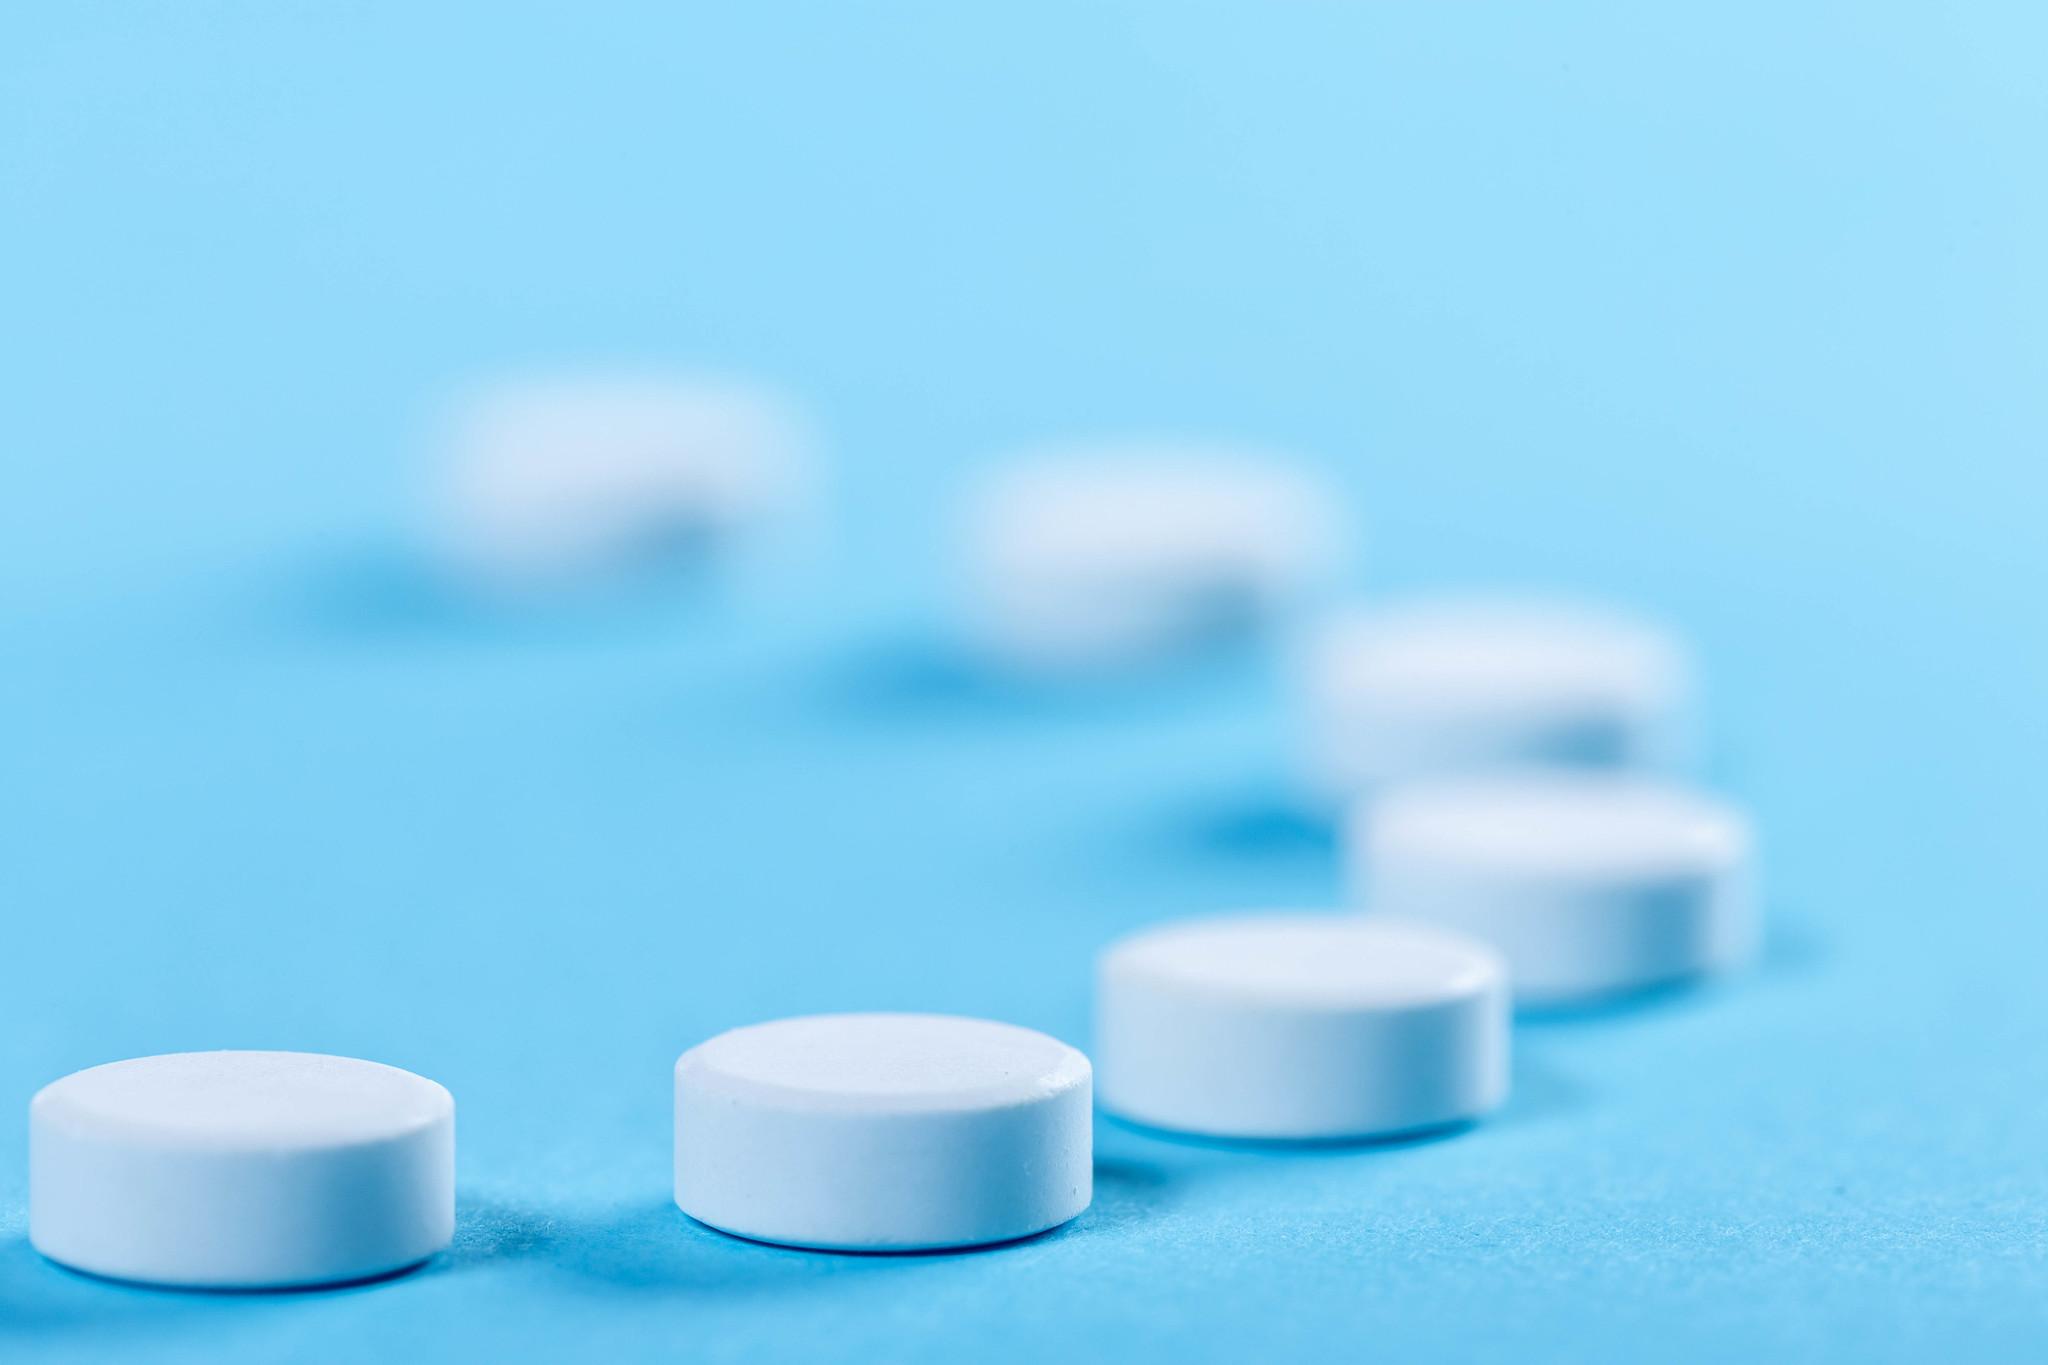 Врачи опасаются выписывать аспирин пациентам, перенёсшим инсульт.